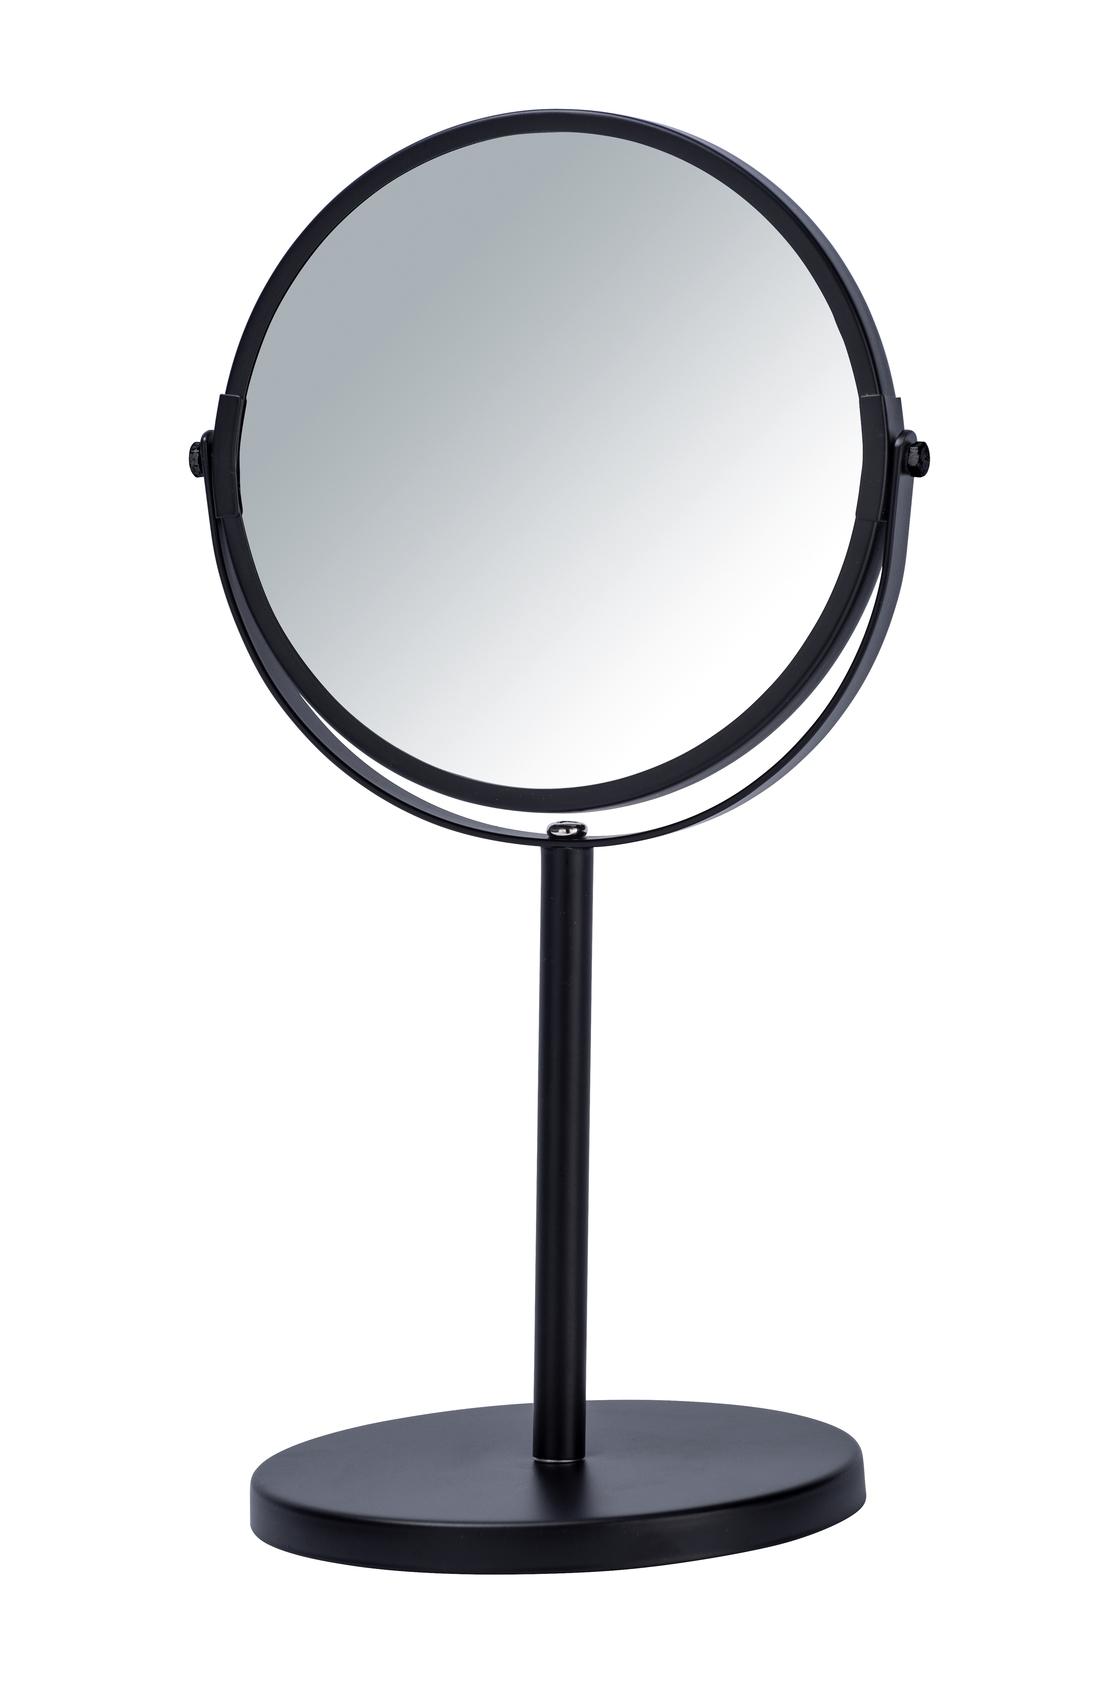 Oglinda cosmetica de masa, Assisi Negru, Ø16xH34,5 cm imagine